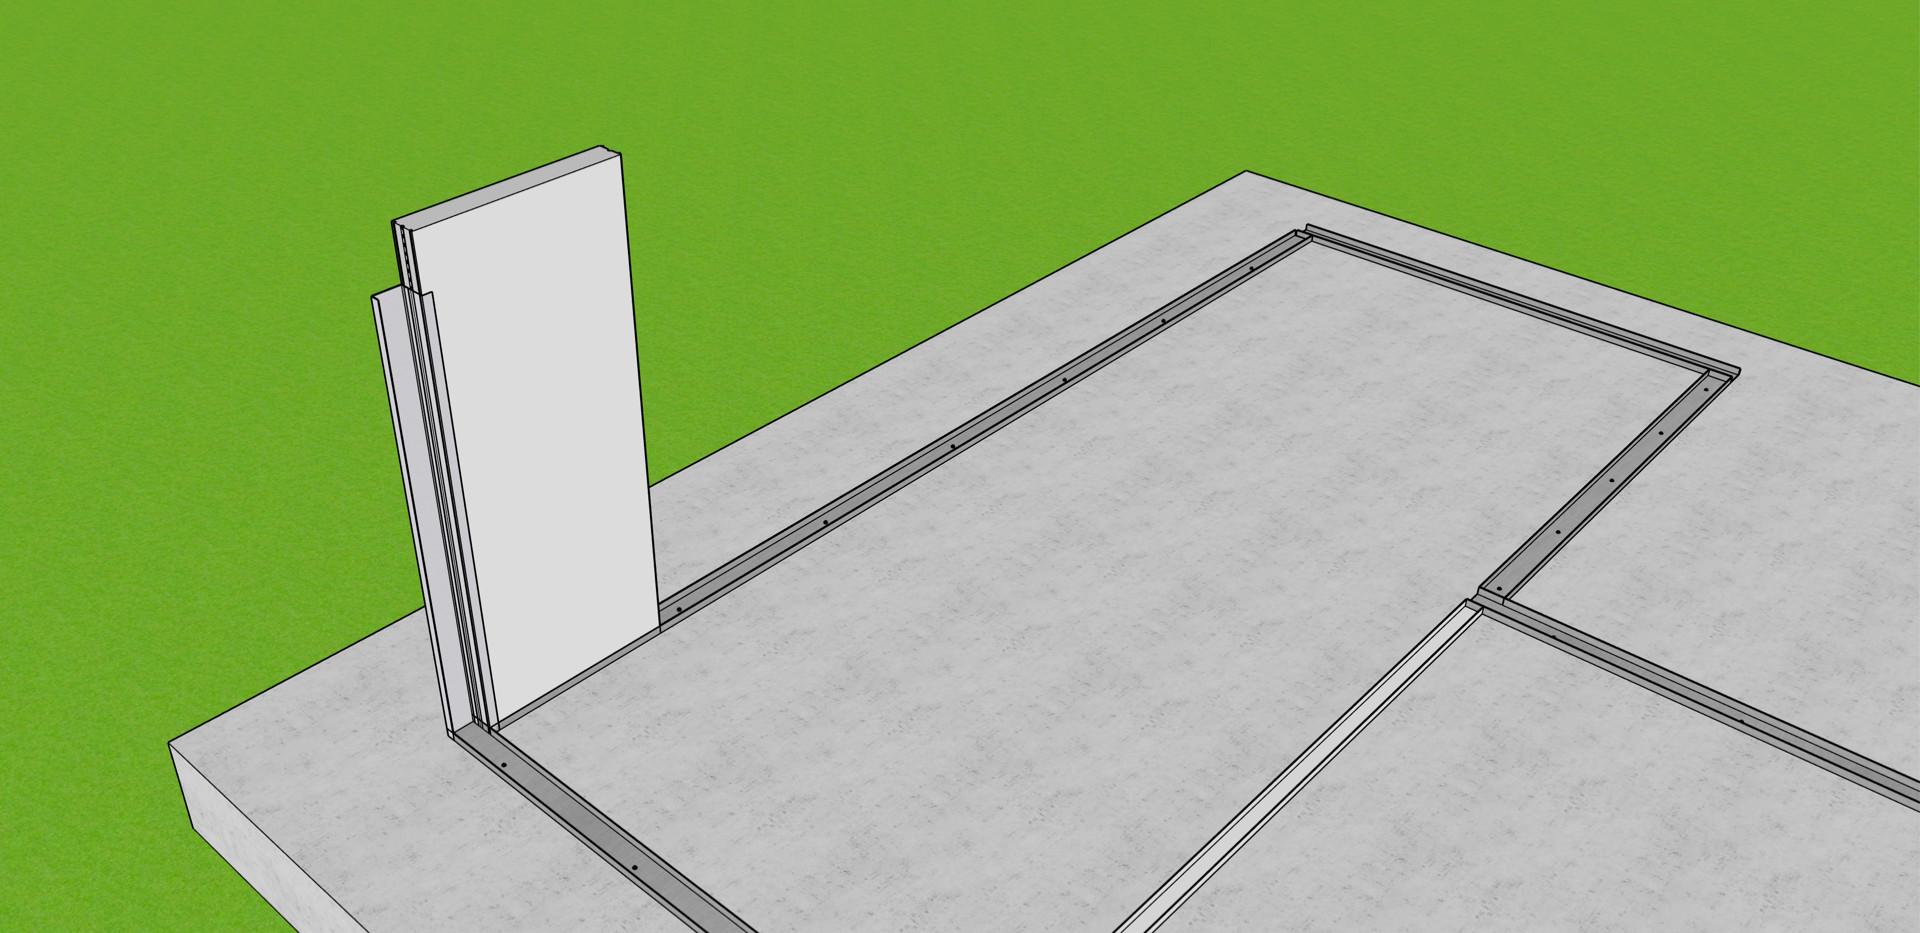 Hafif Çelik Örnek Ev Kurulumu-6.jpeg